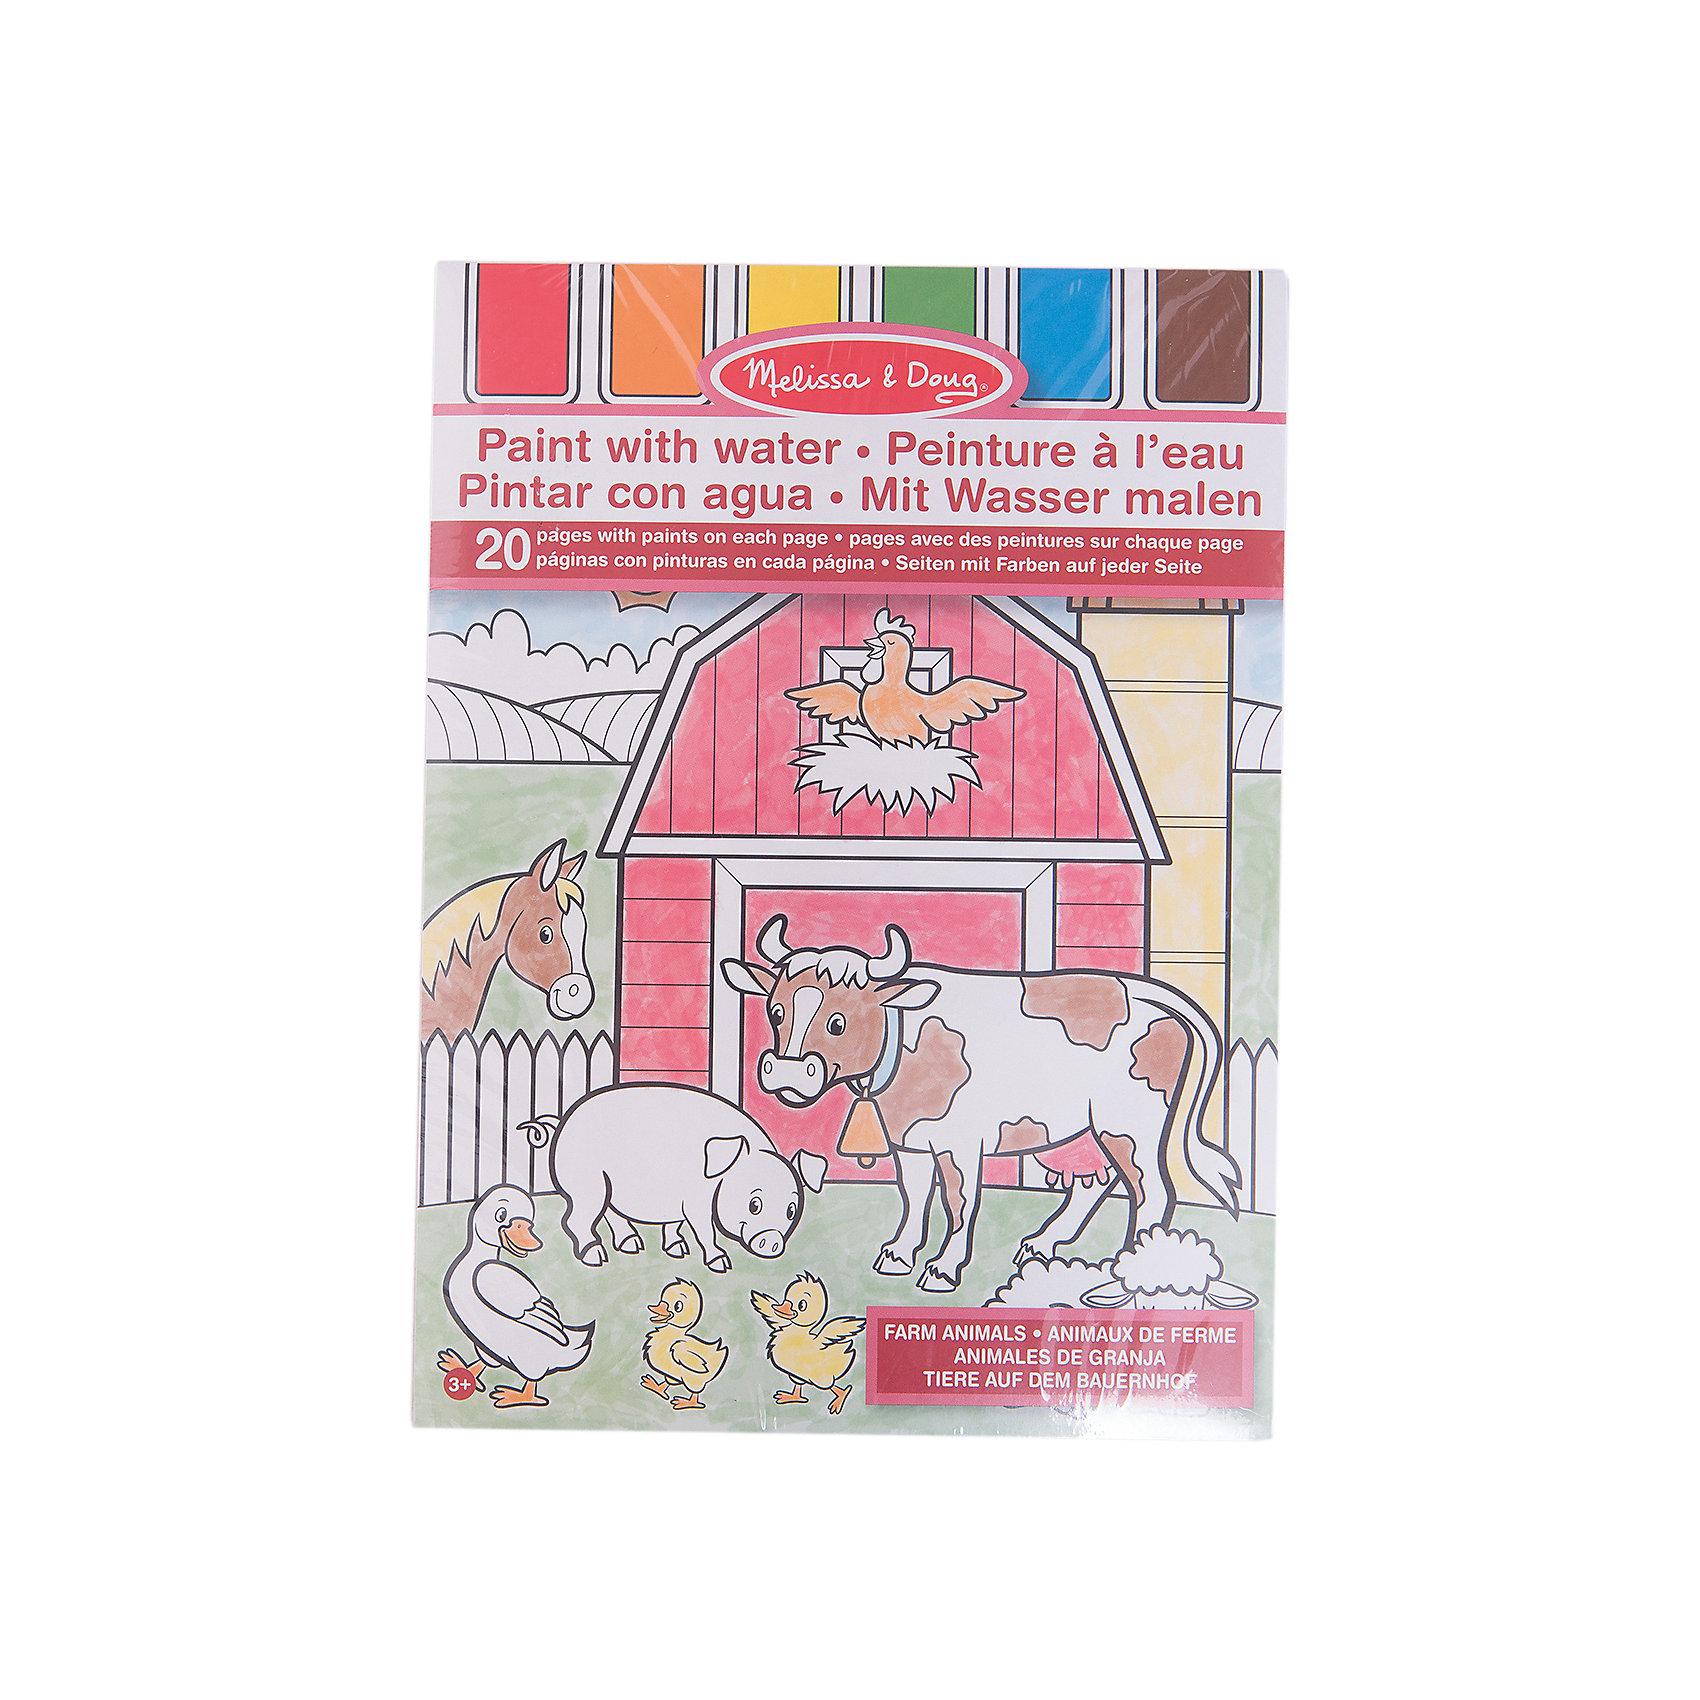 Рисуем водой Ферма, Melissa &amp; DougРисование<br>С необычным набором Рисуем водой Ферма, Melissa &amp; Doug (Мелисса и Даг) ребенок научится рисовать и познакомится с обитателями сельской местности. На 20 картинках, которые предстоит раскрасить ребенку, изображены обитатели фермы: курочка с цыплятками, корова с телёночком, лошадка с жеребёнком и многие другие. Вверху каждой страницы расположена цветовая палитра, на которую нужно добавить немного воды, и можно начинать творить кисточкой. По мере того, как рисунок-заготовка будет намокать, на нем будут проявляться разные цвета. Закончив рисунок, просушите его, отрежьте палитру с красками, и можно украсить рисунками свою комнату или подарить. Такой развивающий набор улучшает художественные и творческие навыки, помогает развивать мелкую моторику и готовит ребенка к письму.  <br><br>Комплектация: 20 страниц из плотной бумаги с рисунками, кисть<br><br>Дополнительная информация:<br>-Материал: картон, дерево, ПВХ<br>-Вес: 0,3 кг<br>-Размер раскраски: 29х21 см<br><br>Раскраску «Ферма» удобно брать в путешествия, чтобы ребенок мог весело проводить время и не пачкаться краской.<br><br>Рисуем водой Ферма, Melissa &amp; Doug (Мелисса и Даг) можно купить в нашем магазине.<br><br>Ширина мм: 210<br>Глубина мм: 210<br>Высота мм: 290<br>Вес г: 210<br>Возраст от месяцев: 36<br>Возраст до месяцев: 180<br>Пол: Унисекс<br>Возраст: Детский<br>SKU: 4008271